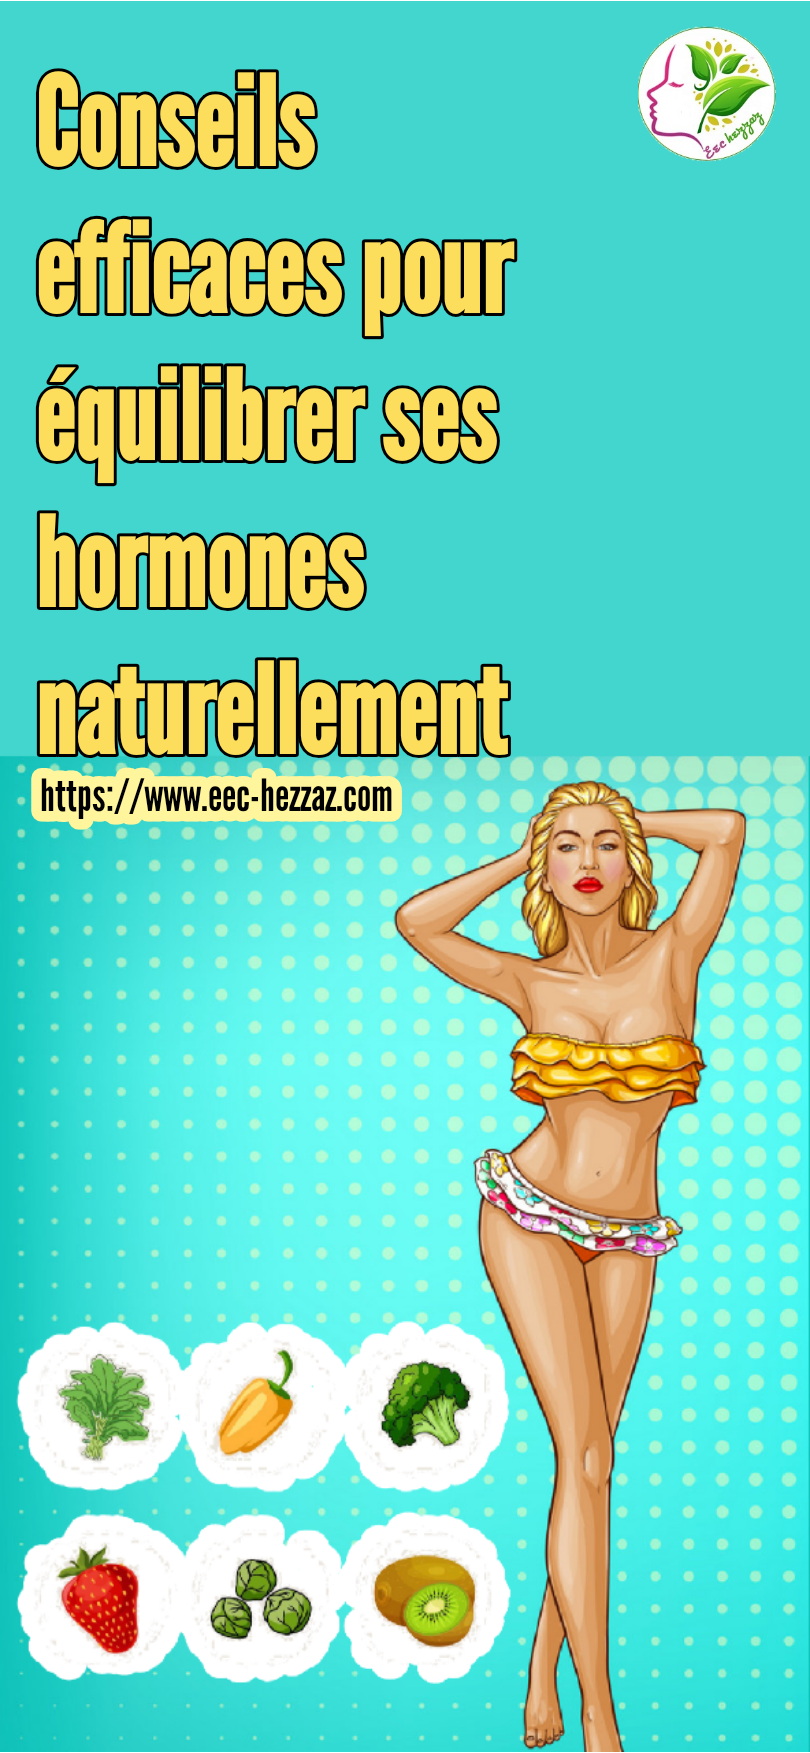 Conseils efficaces pour équilibrer ses hormones naturellement